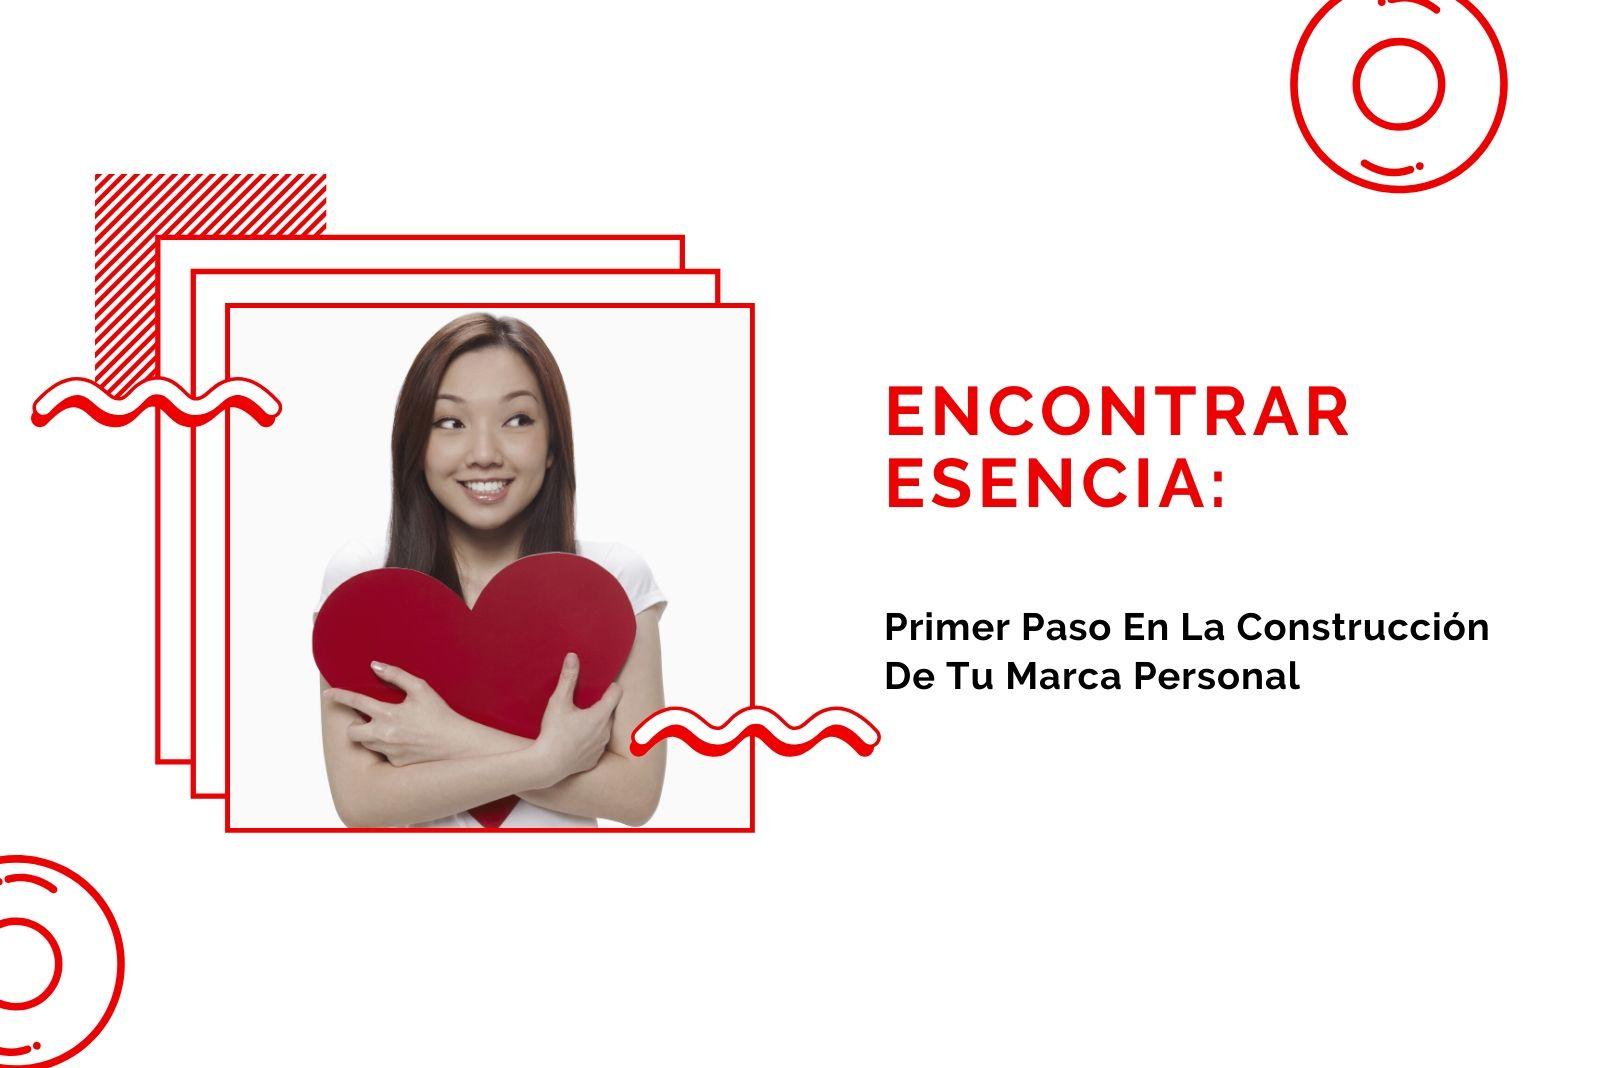 Hector Jimenez - Encontrar Esencia_ Primer Paso En La Construcción De Tu Marca Personal 1